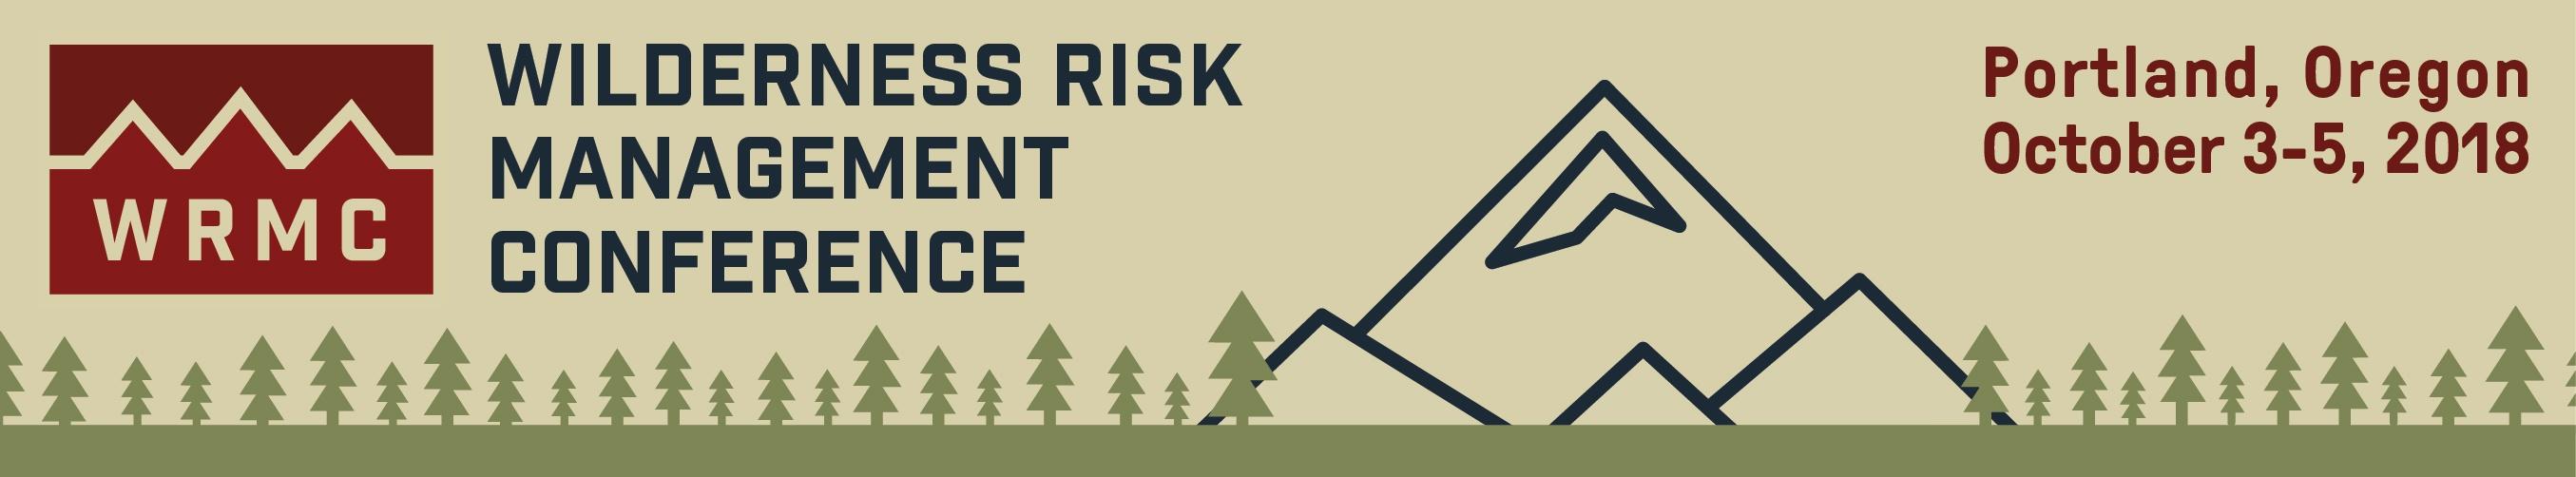 Wilderness Risk Management Conference 2018 Banner